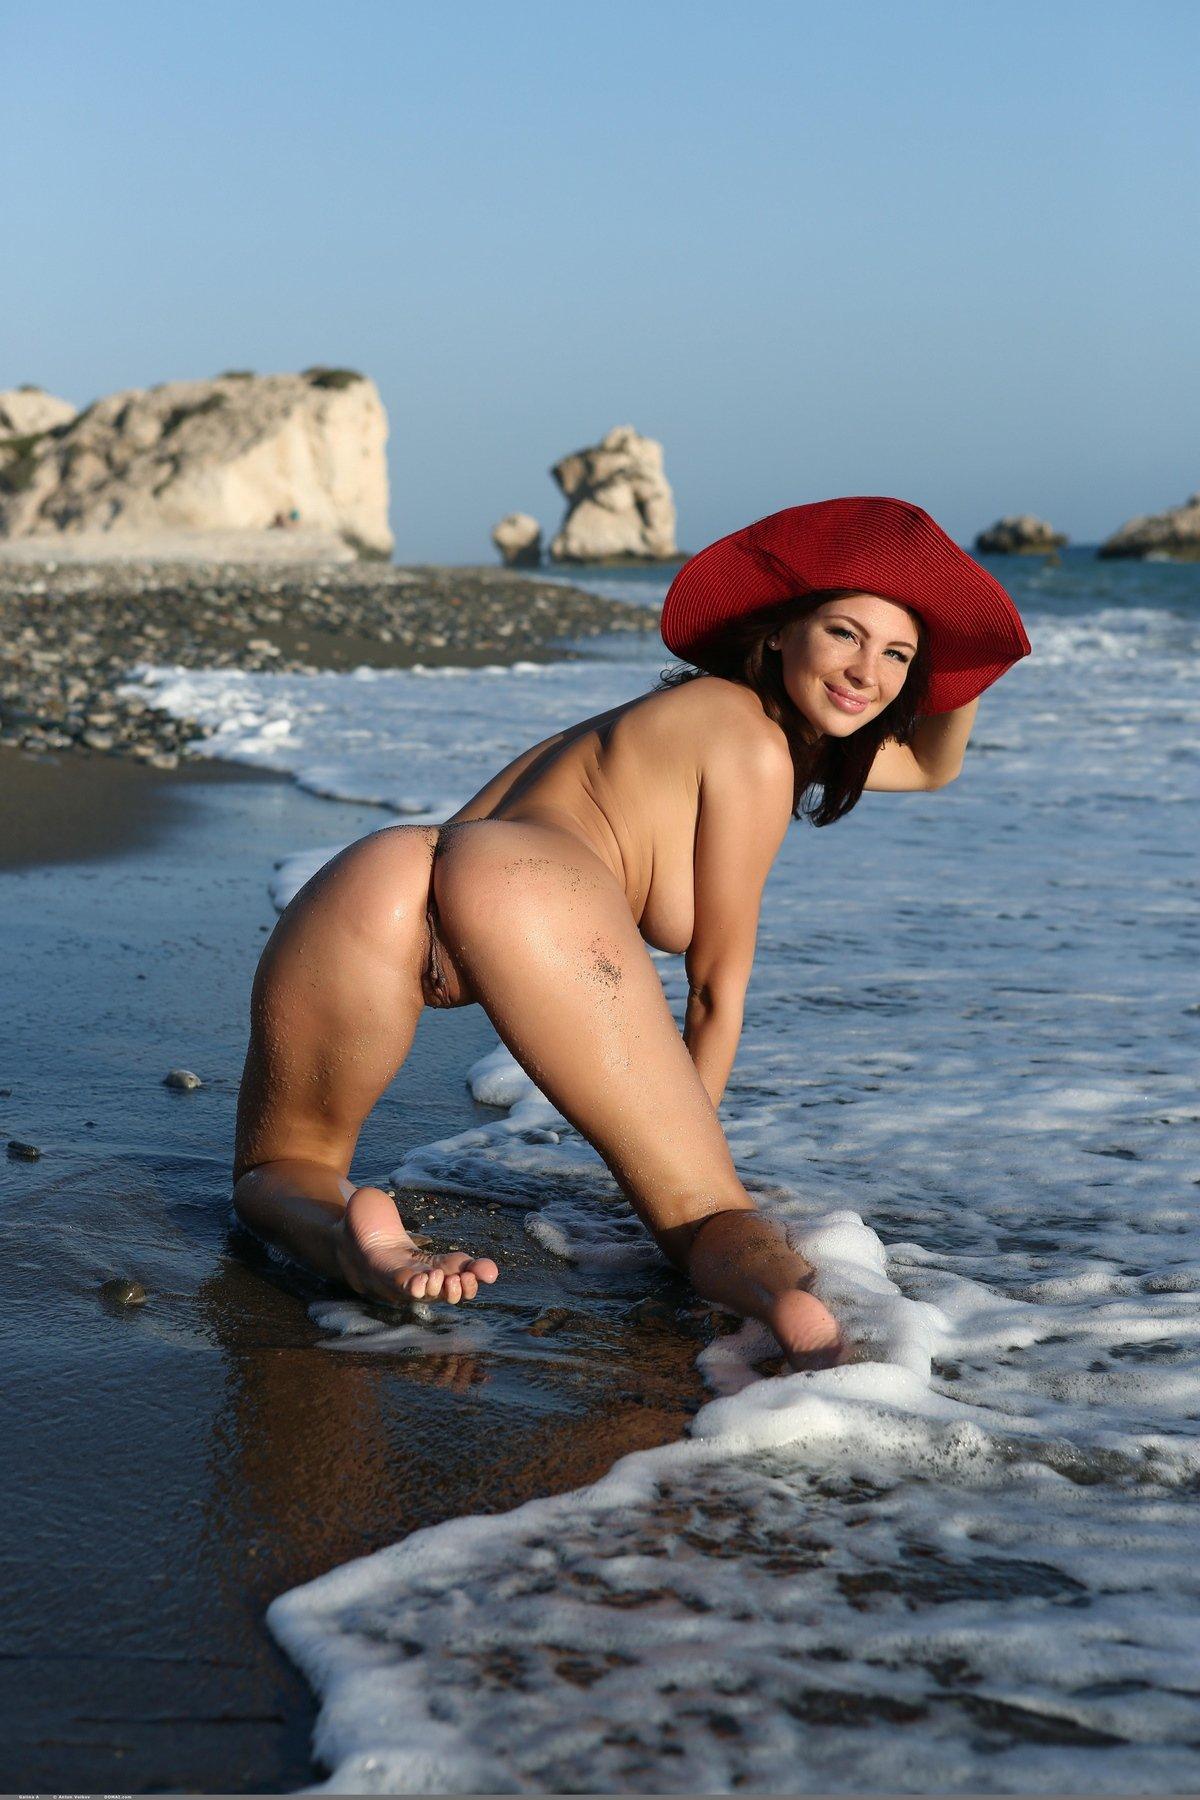 Нагая милашка в красной шляпе у моря смотреть эротику